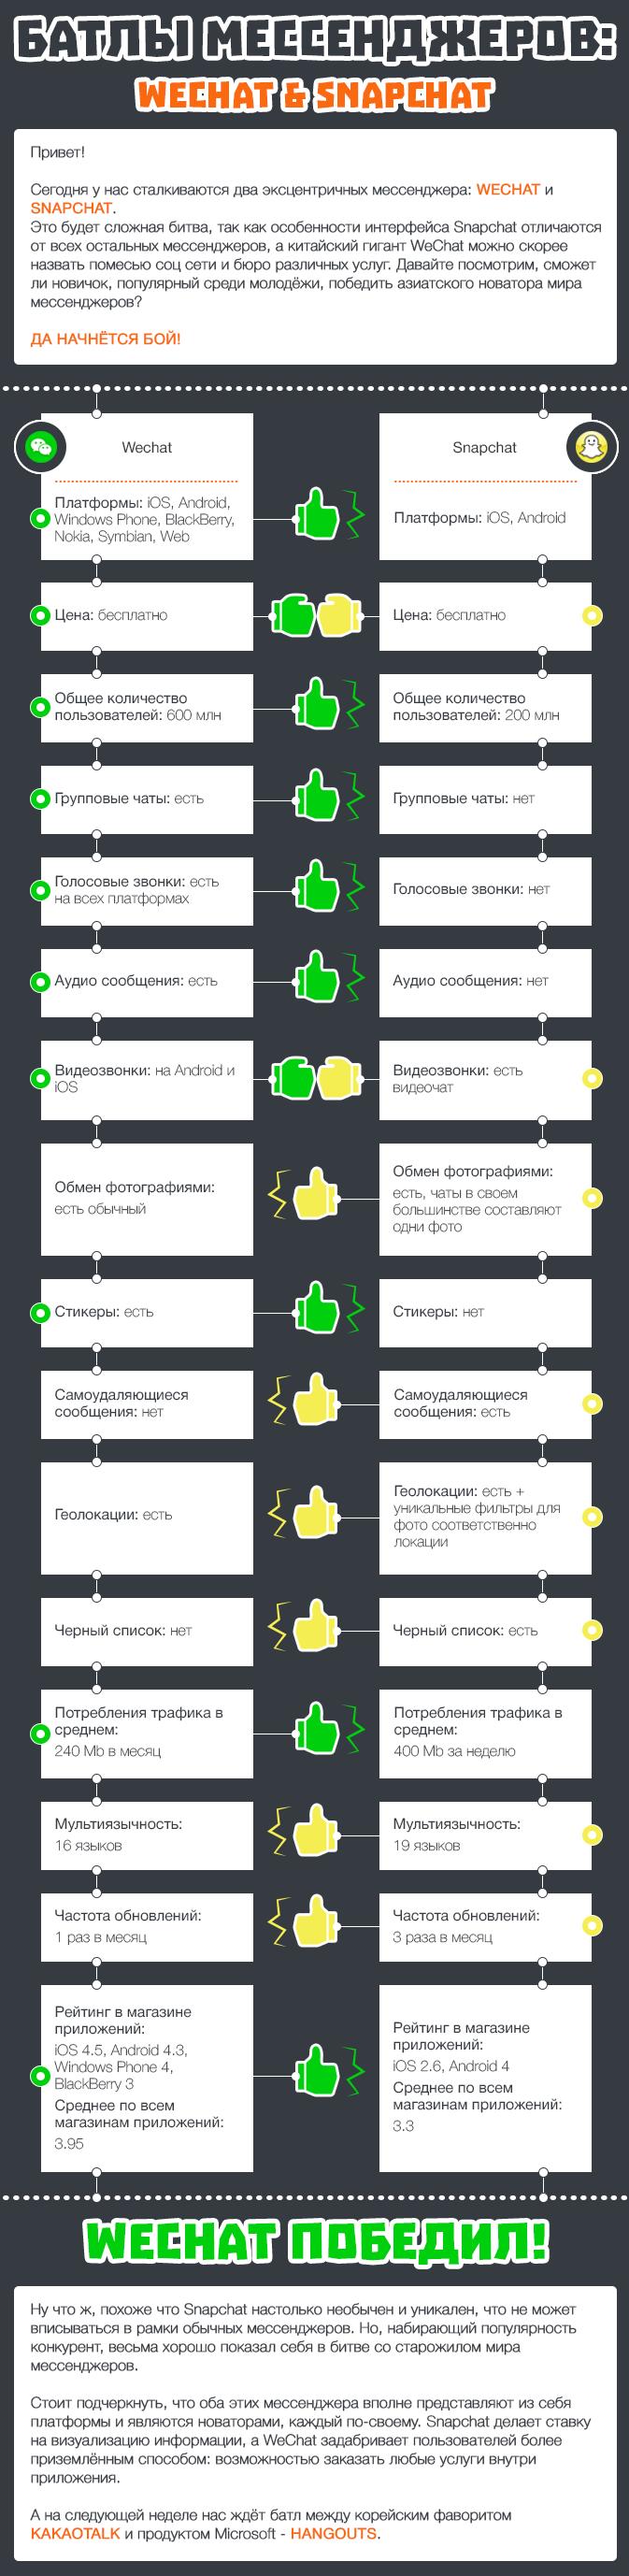 Батлы мессенджеров WeChat и Snapchat